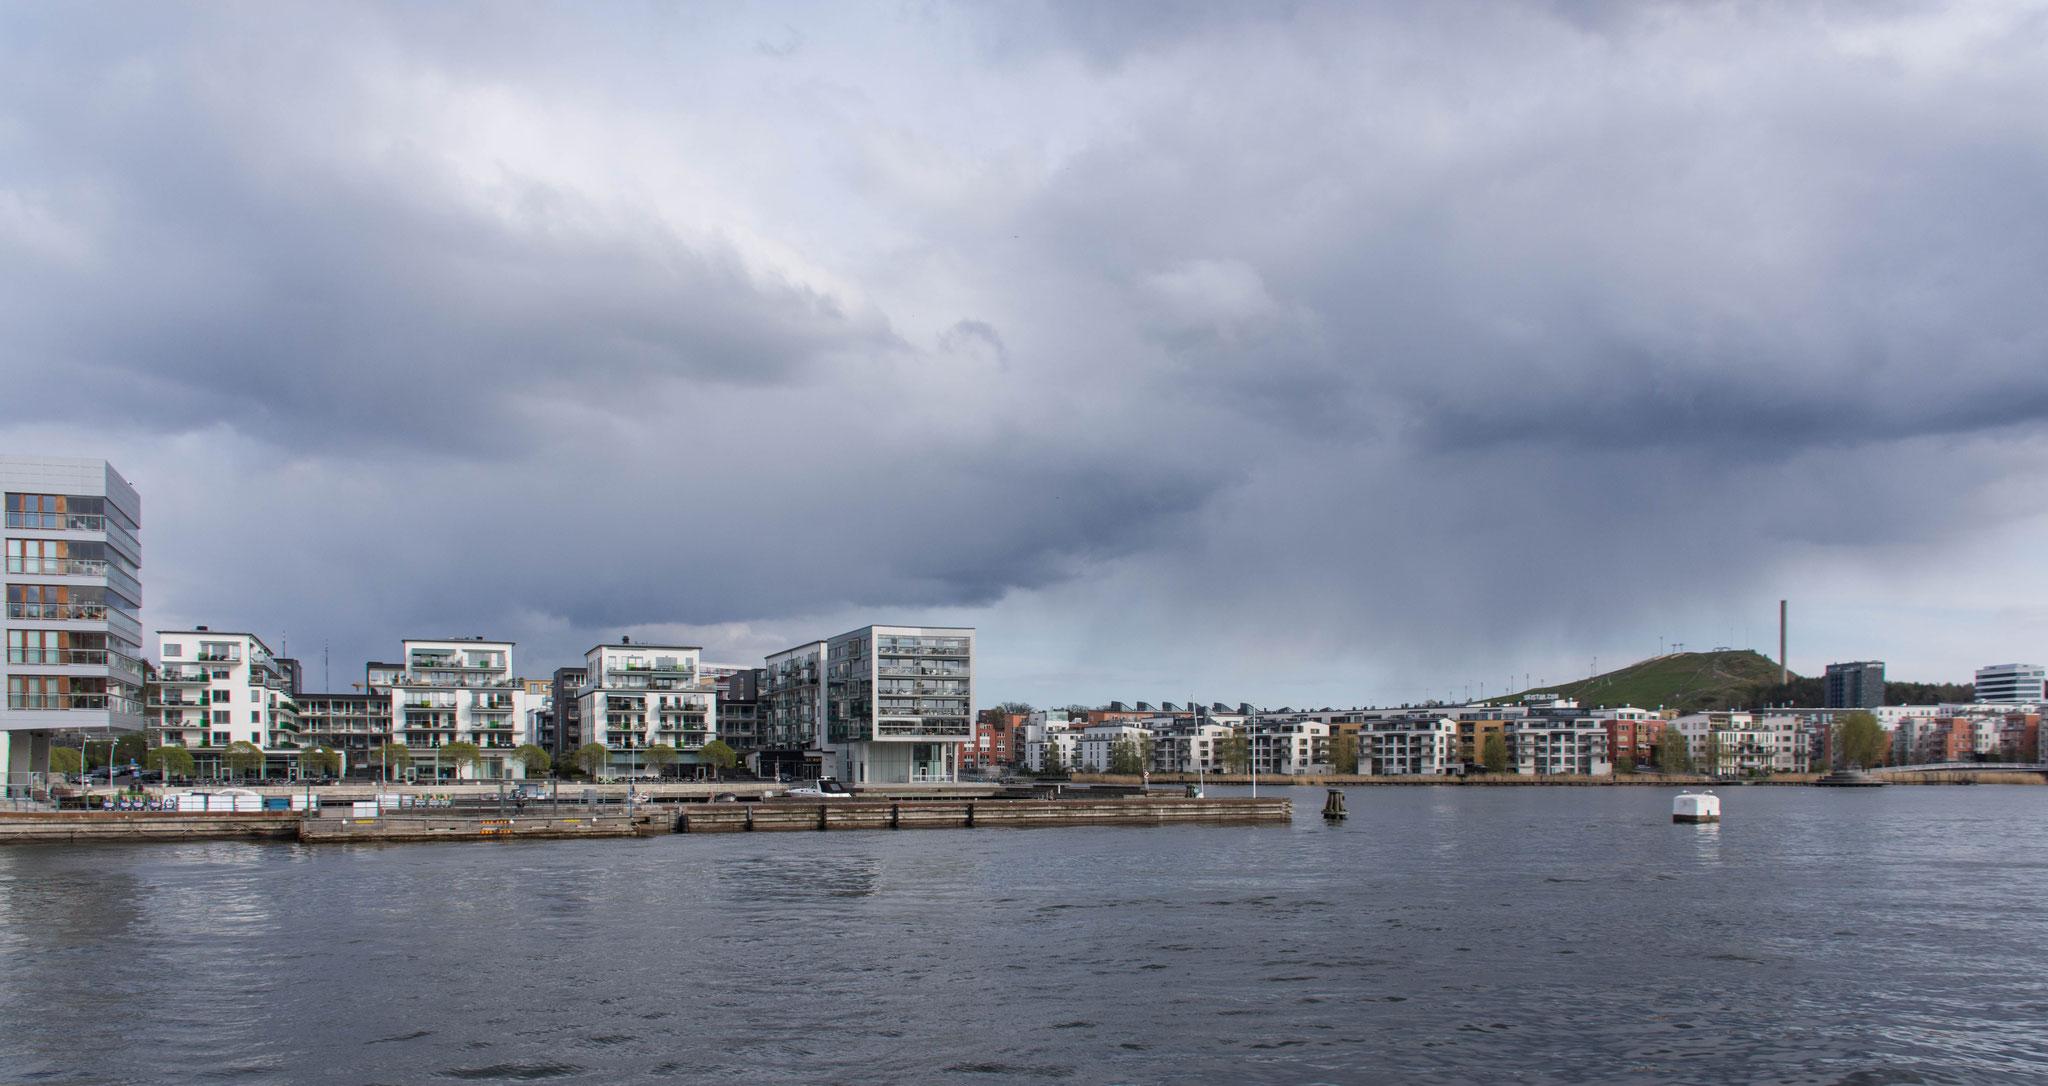 Hammerby Sjöstad